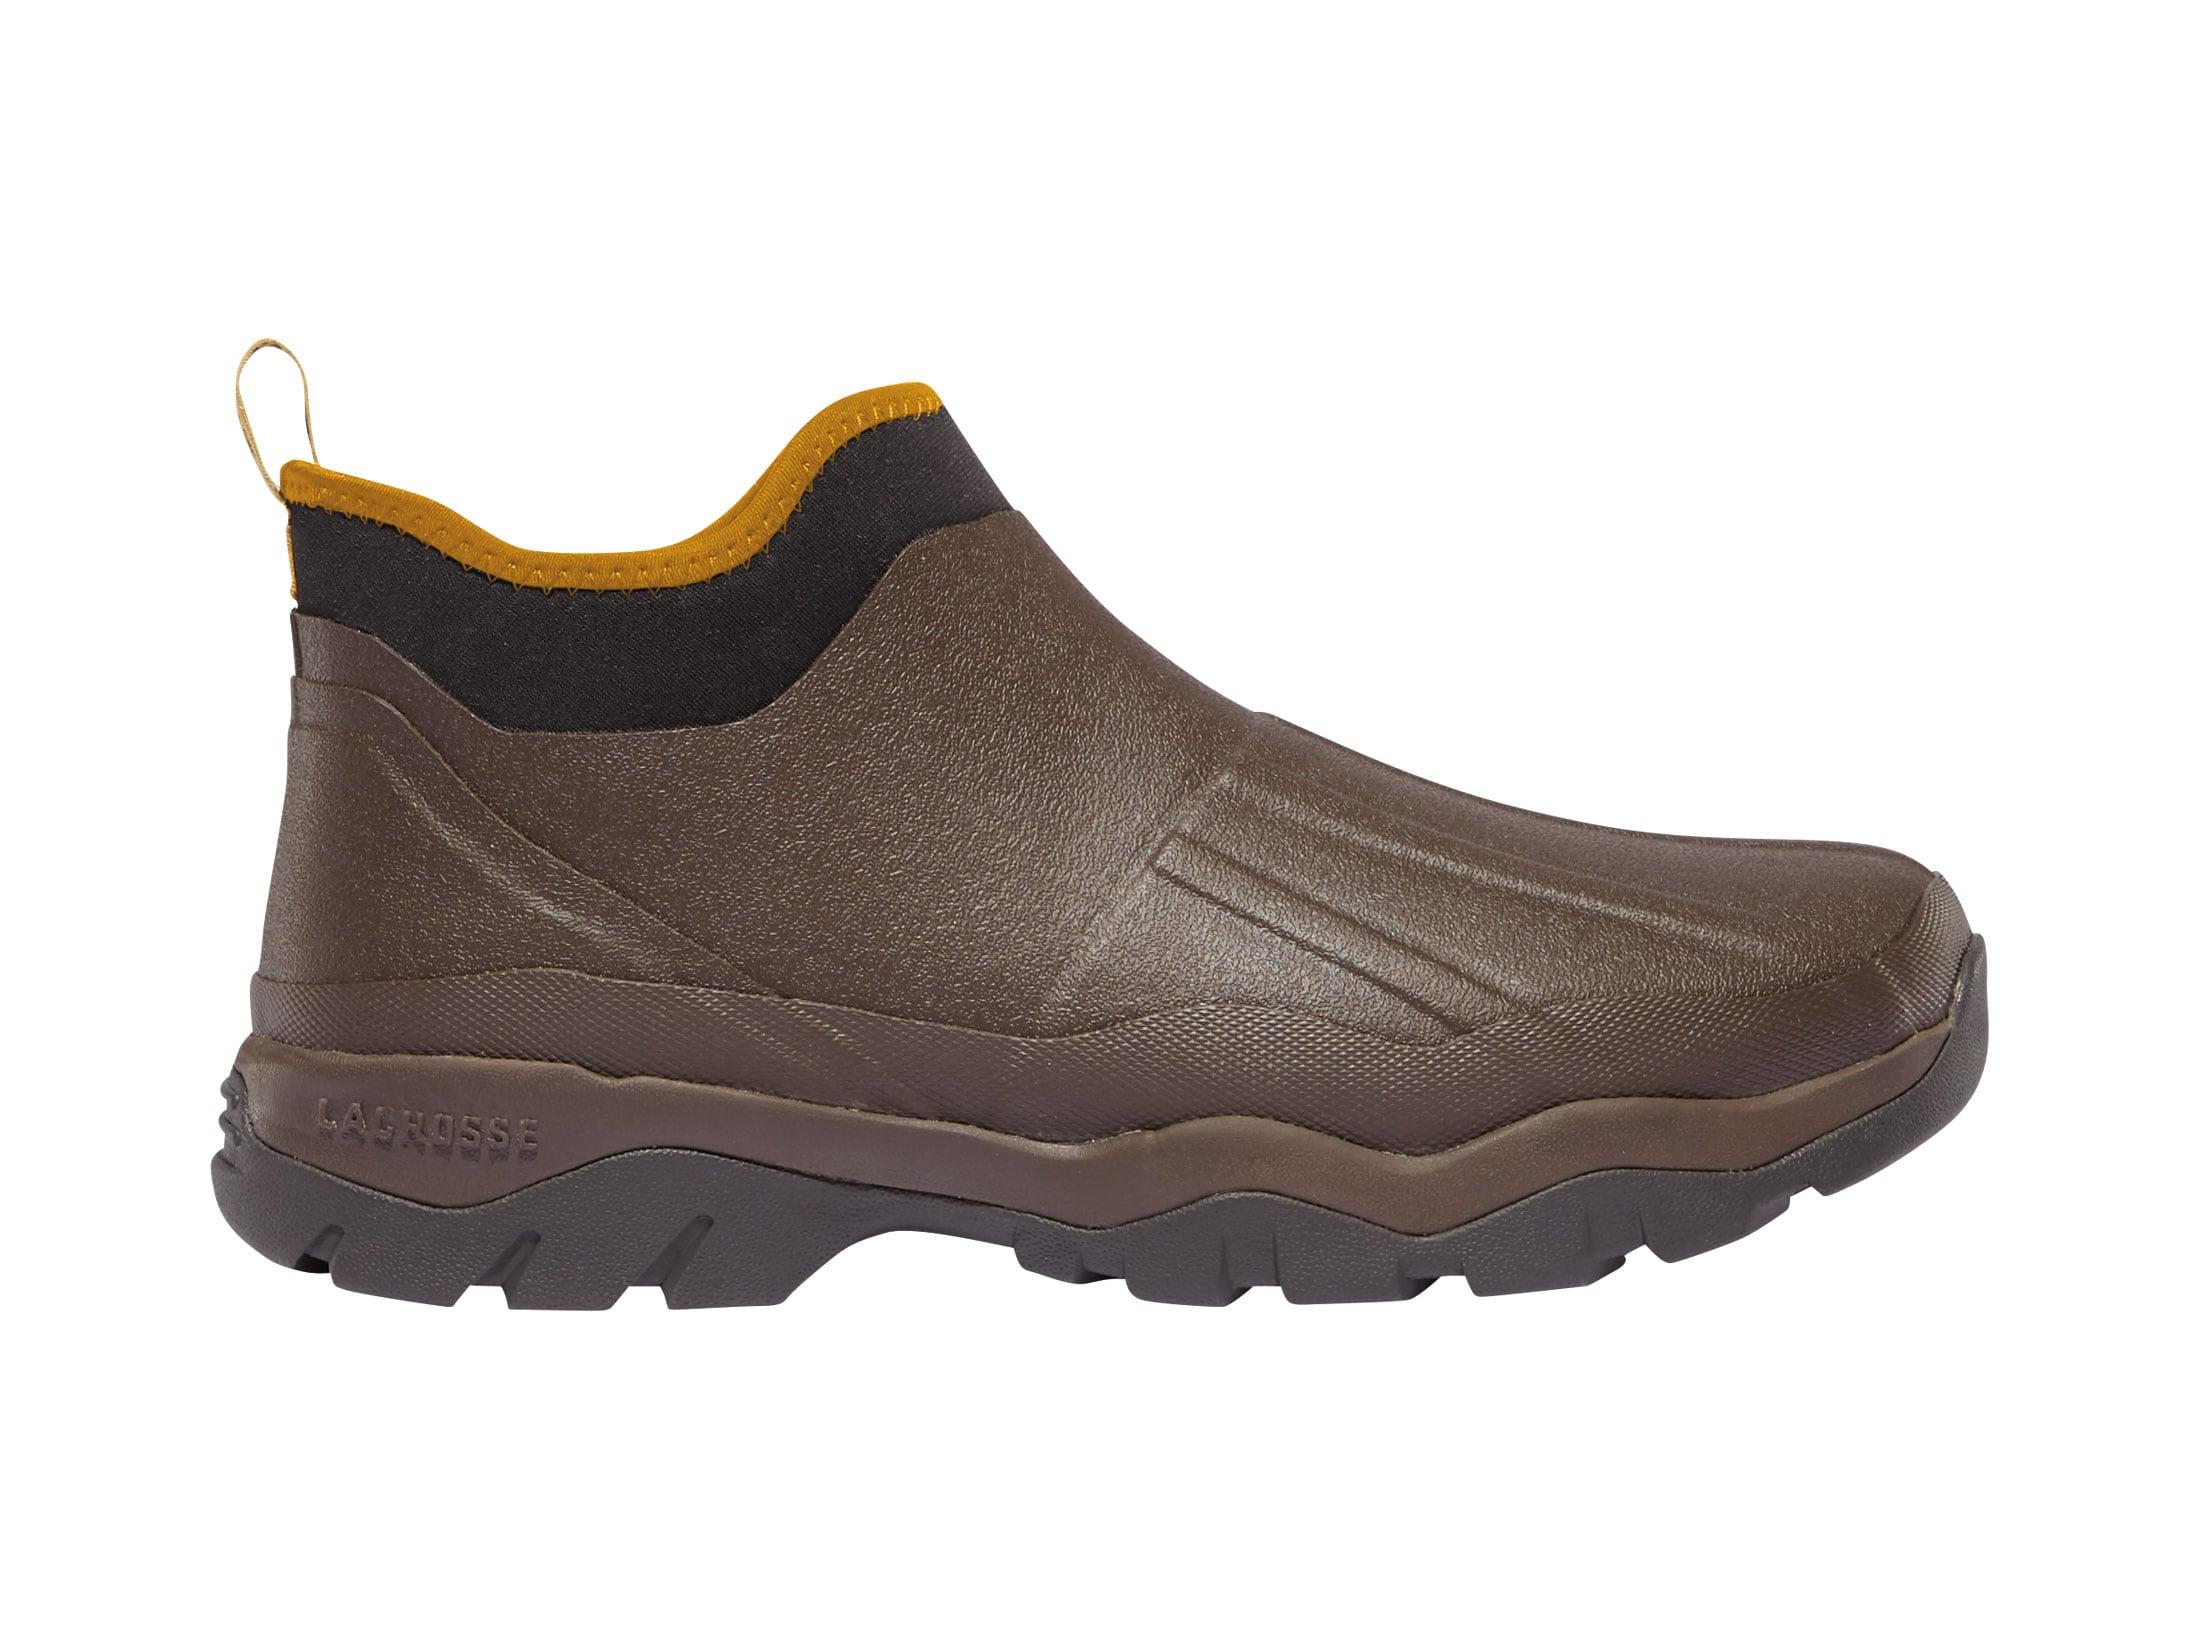 0b8d4b9a488 LaCrosse Alpha Muddy 4.5 Utility Shoes Rubber Clad Neoprene Mossy Oak